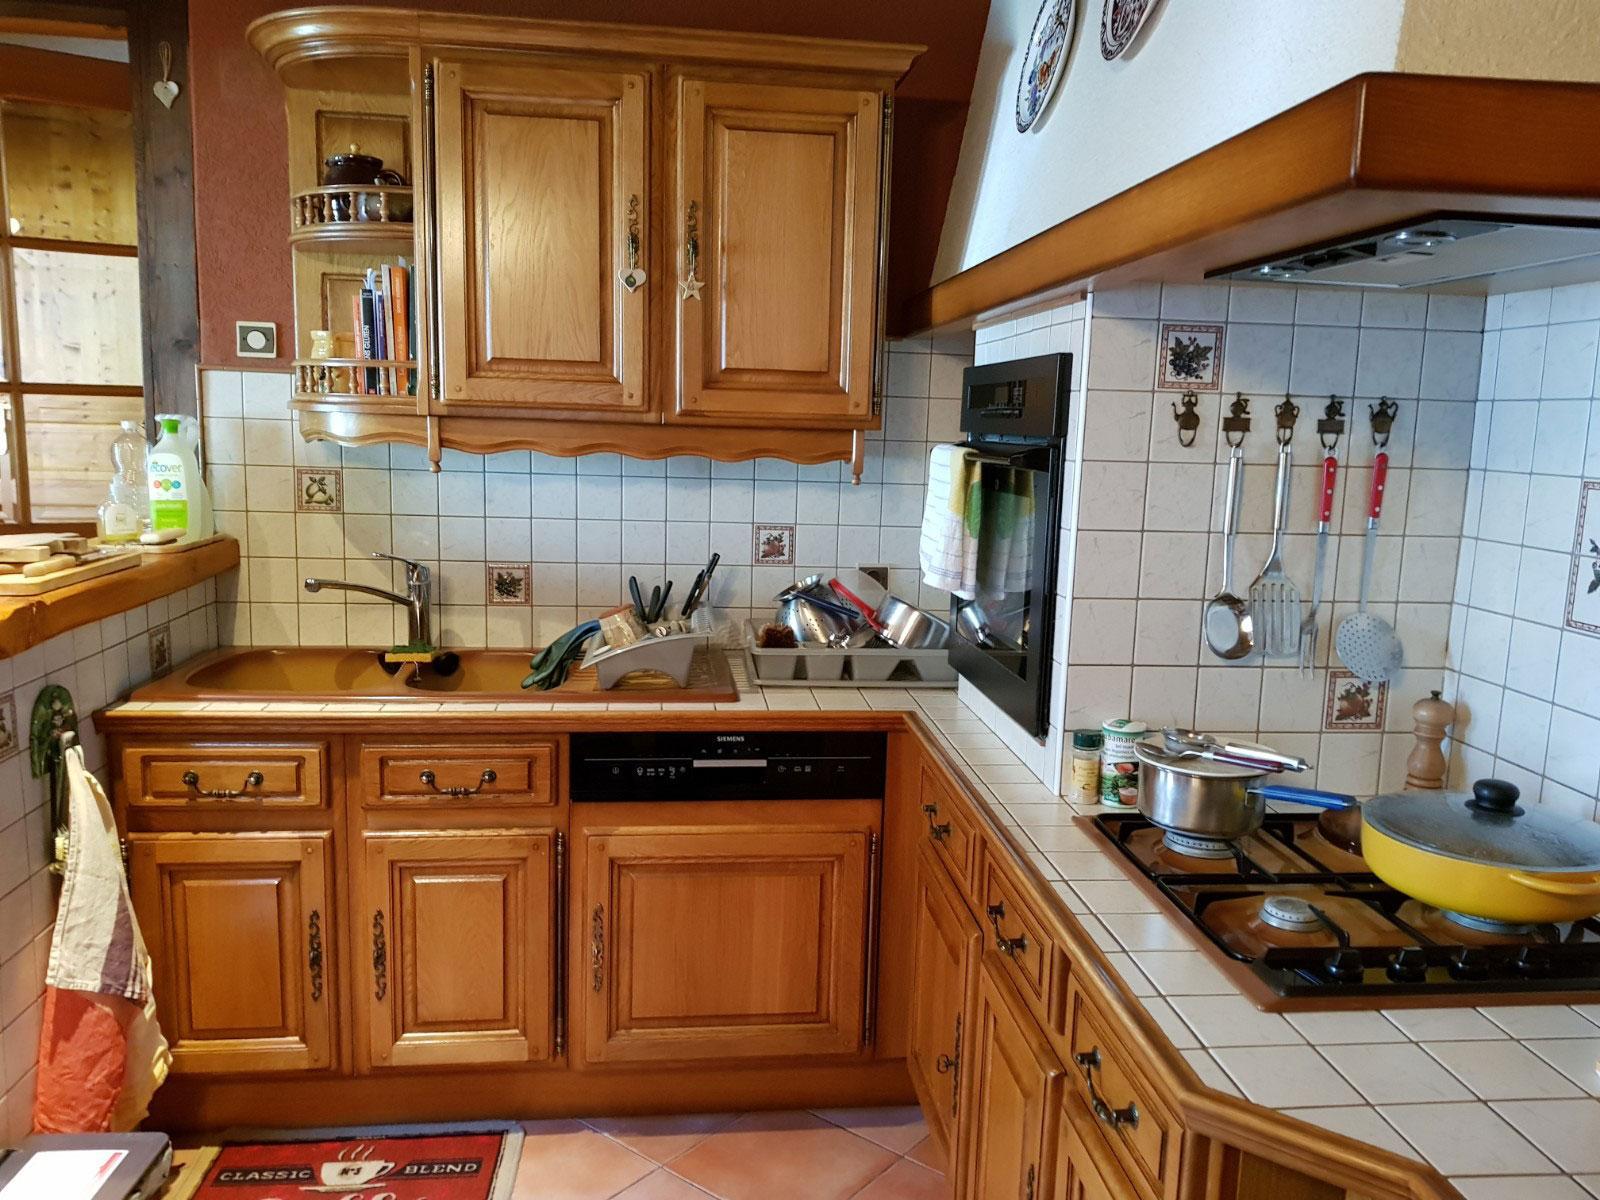 besoin d 39 id es conseils r novation cuisine pour des d butants. Black Bedroom Furniture Sets. Home Design Ideas